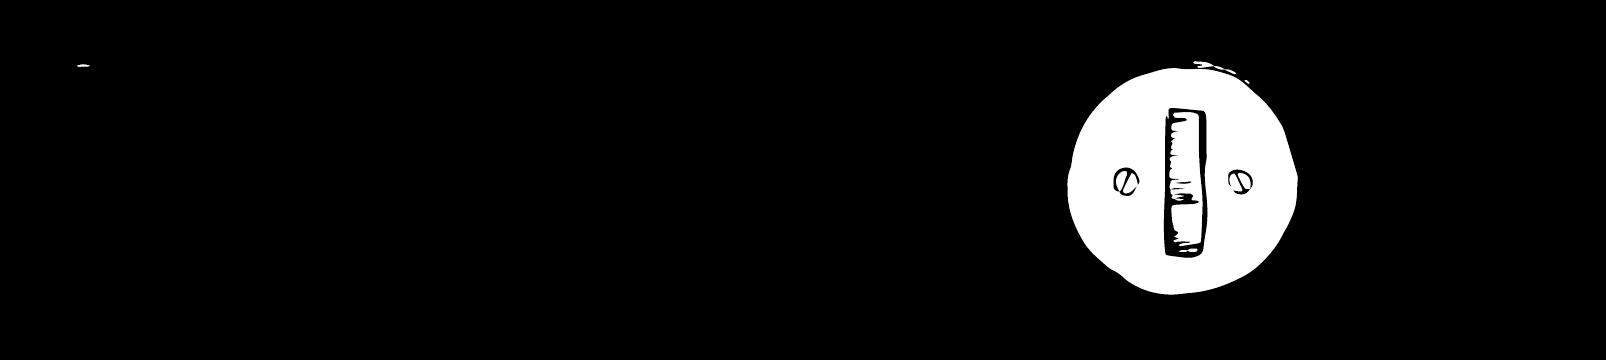 Micha Zondag 2017-18